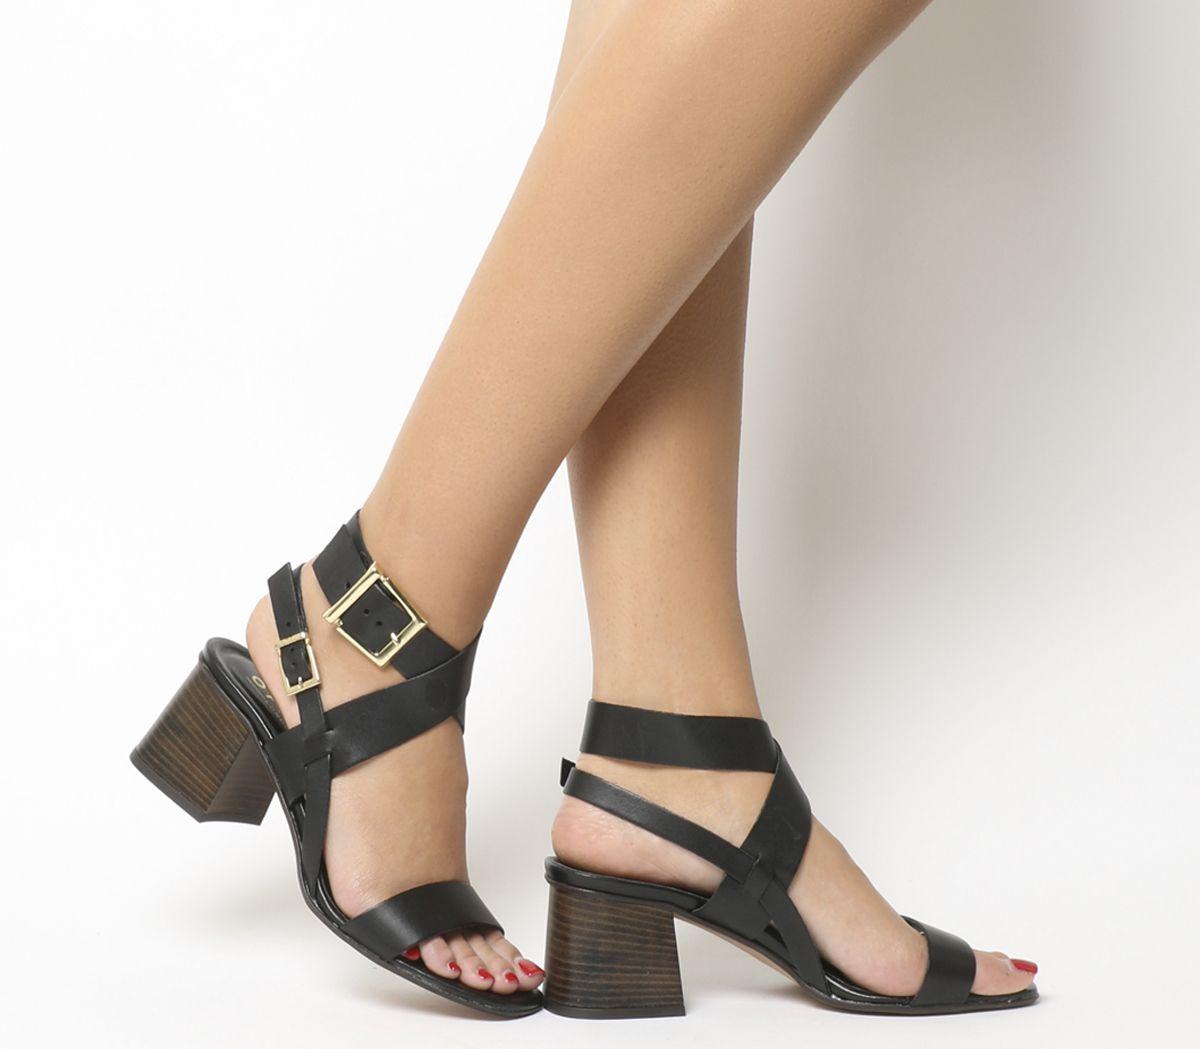 df3bf946c12 Office Marley Ankle Wrap Mid Block Heels Black Leather - Mid Heels